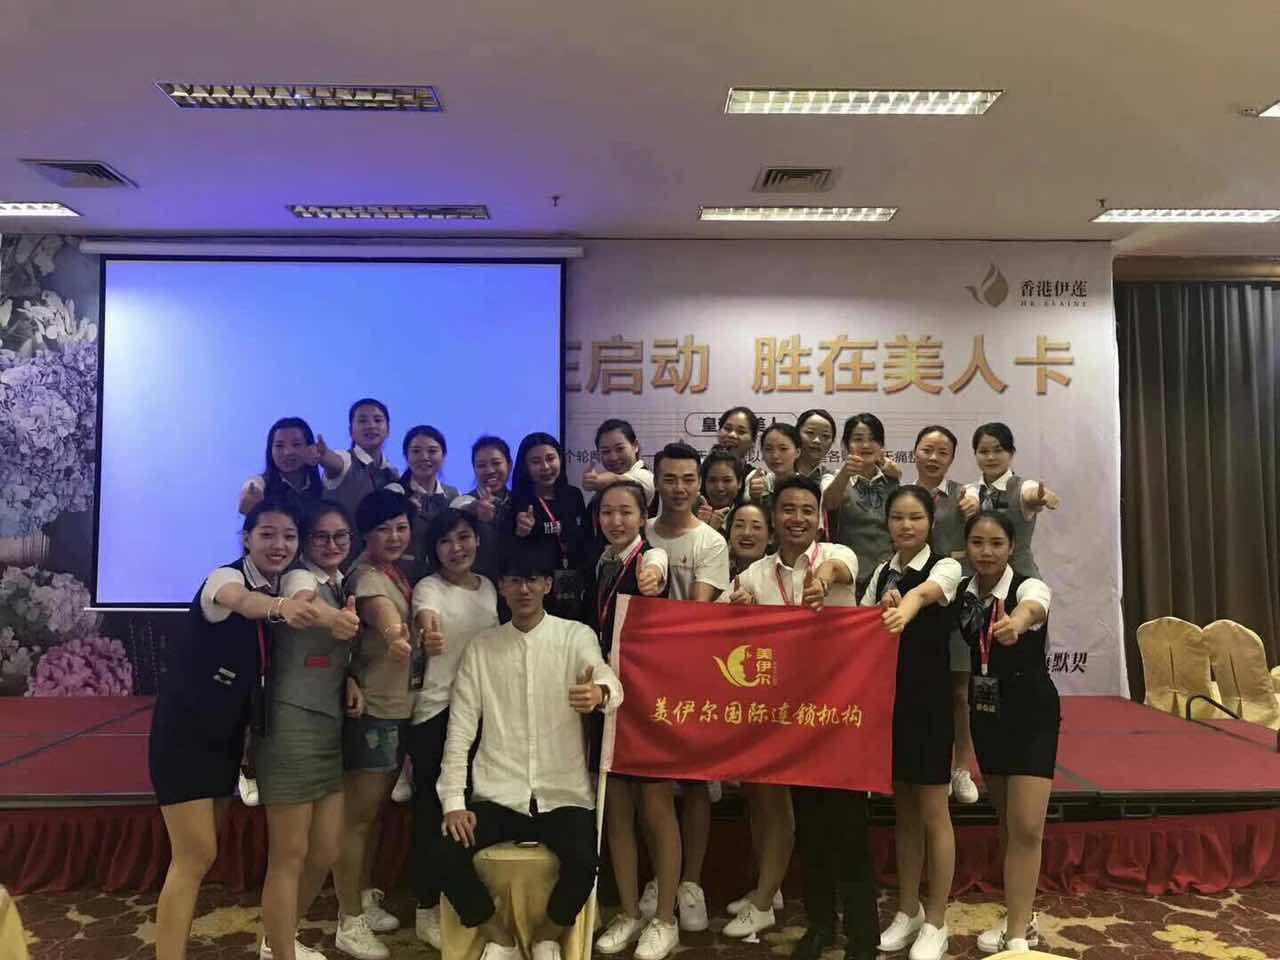 中山市三乡镇美伊尔美容馆_才通国际人才网_job001.cn